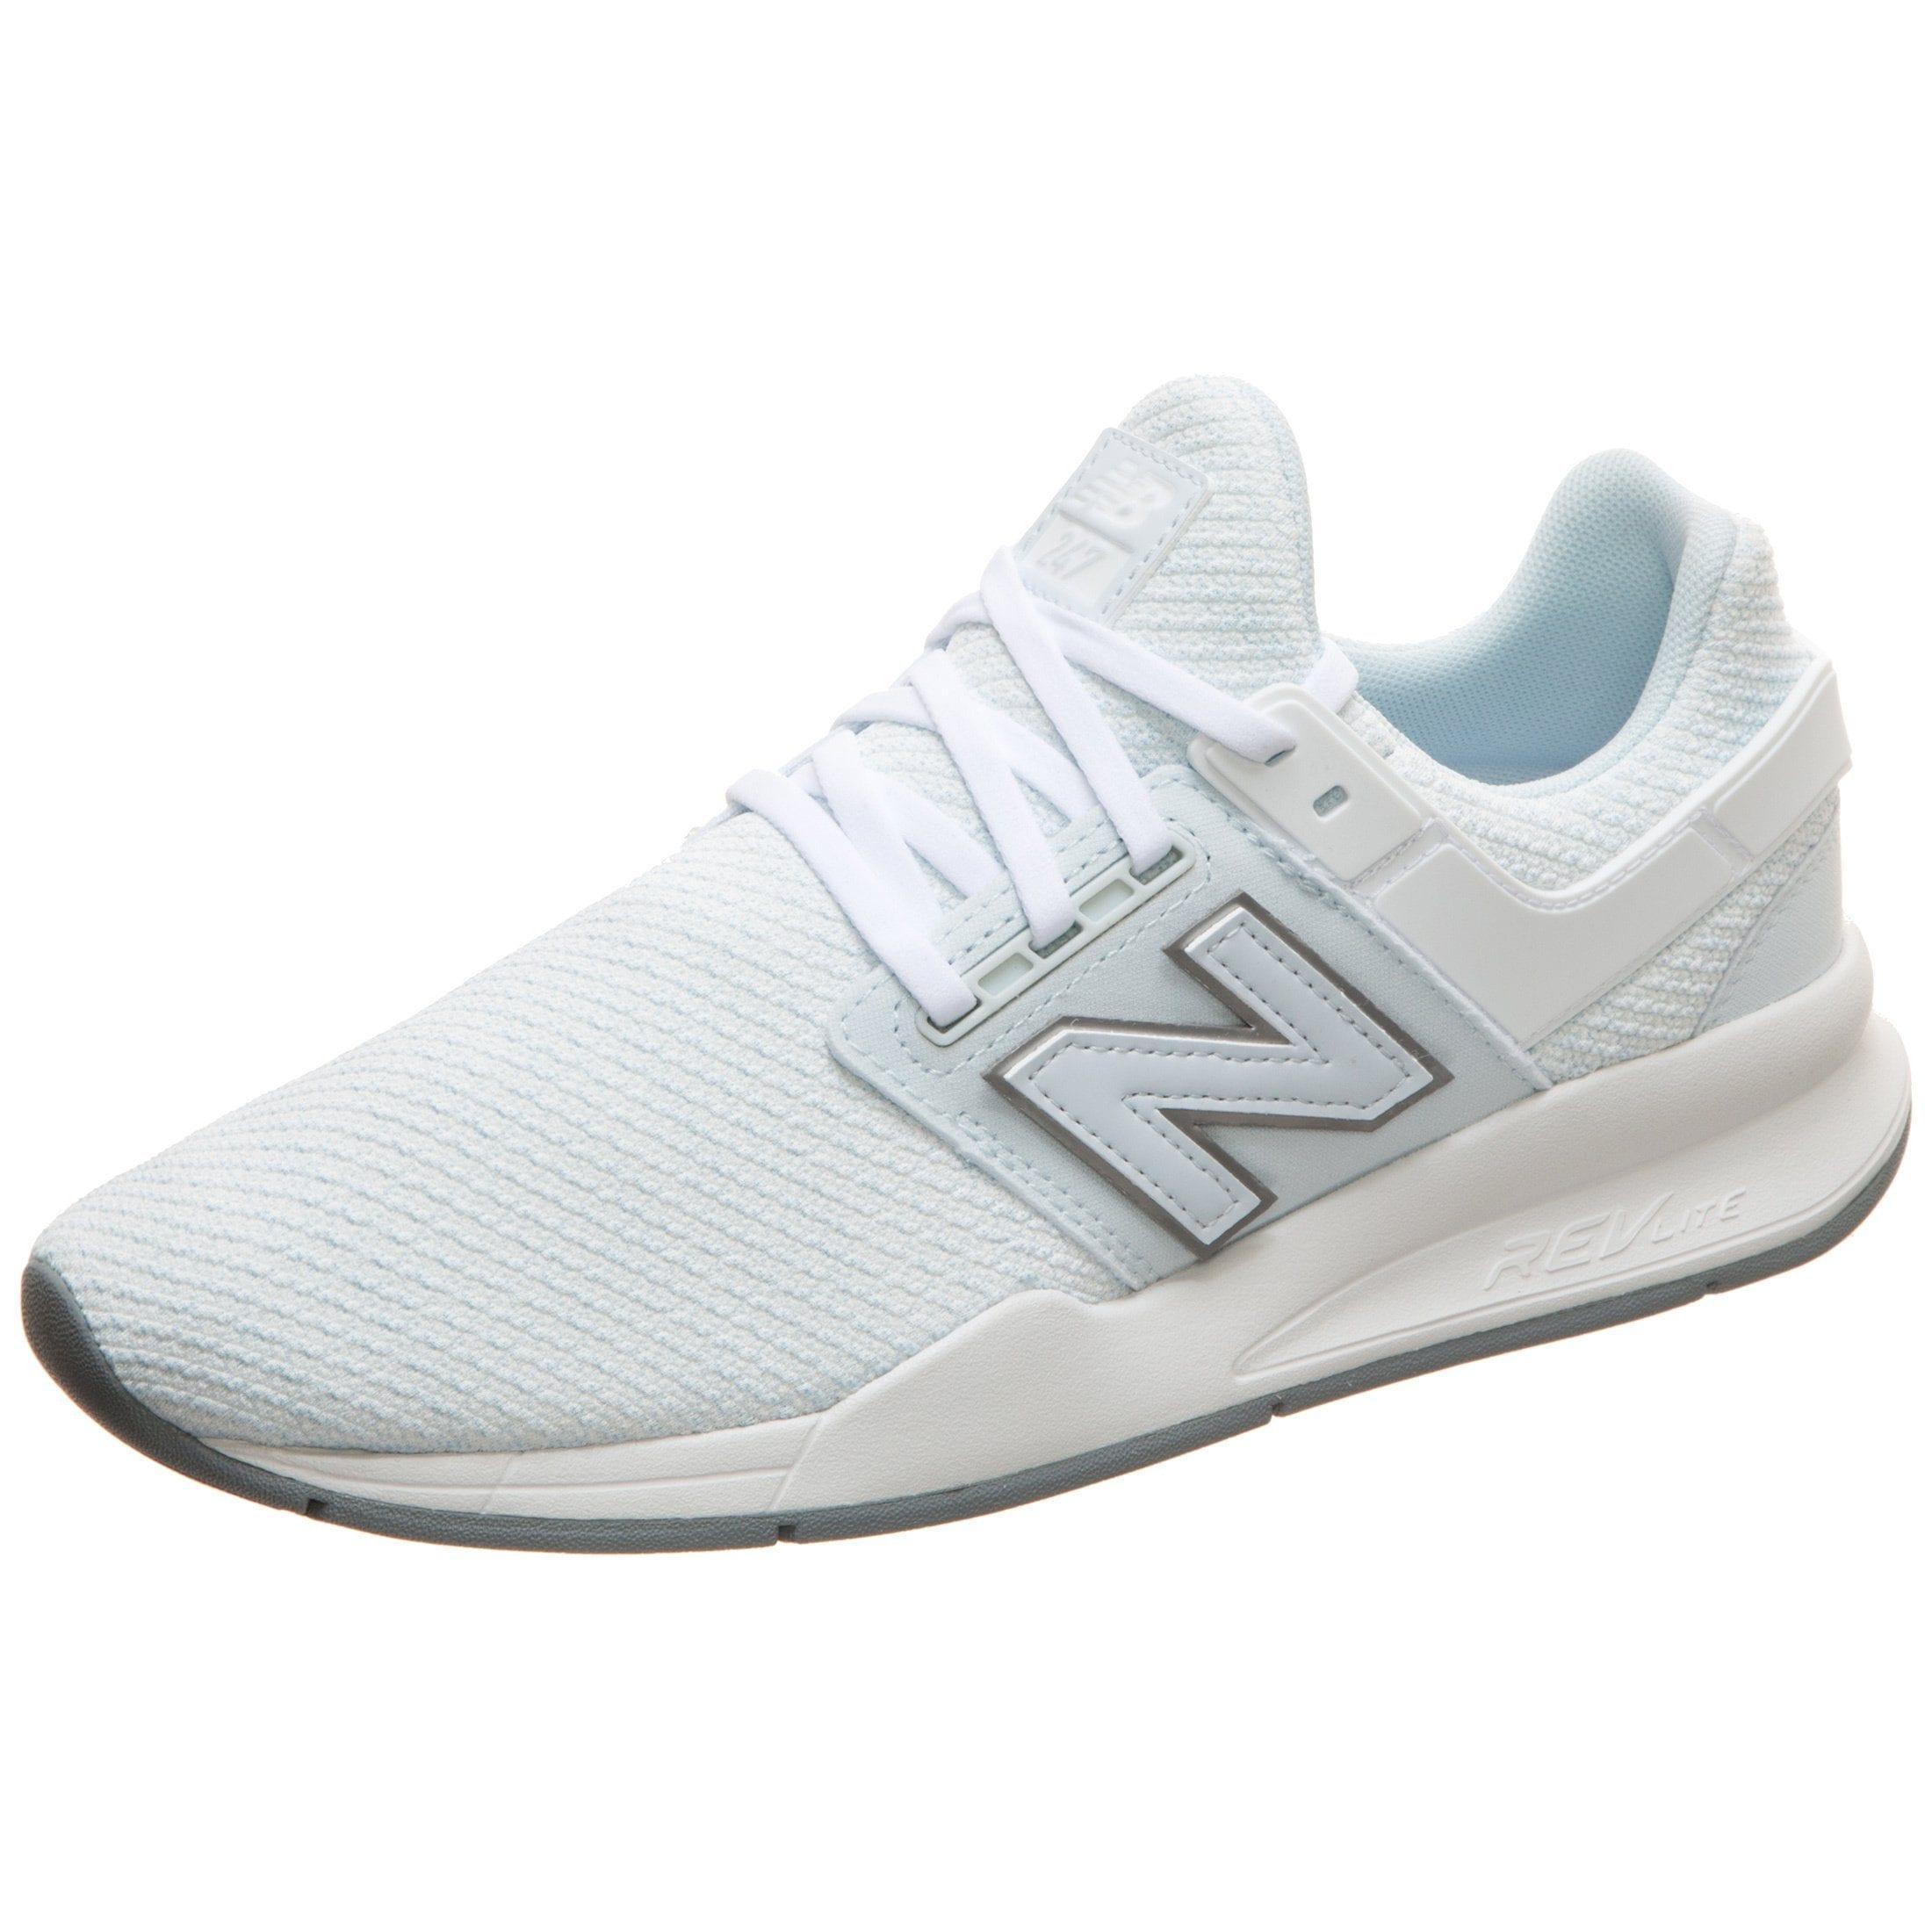 imwalking SALE   Damen New Balance Sneaker WS 247 UD   00191902224431